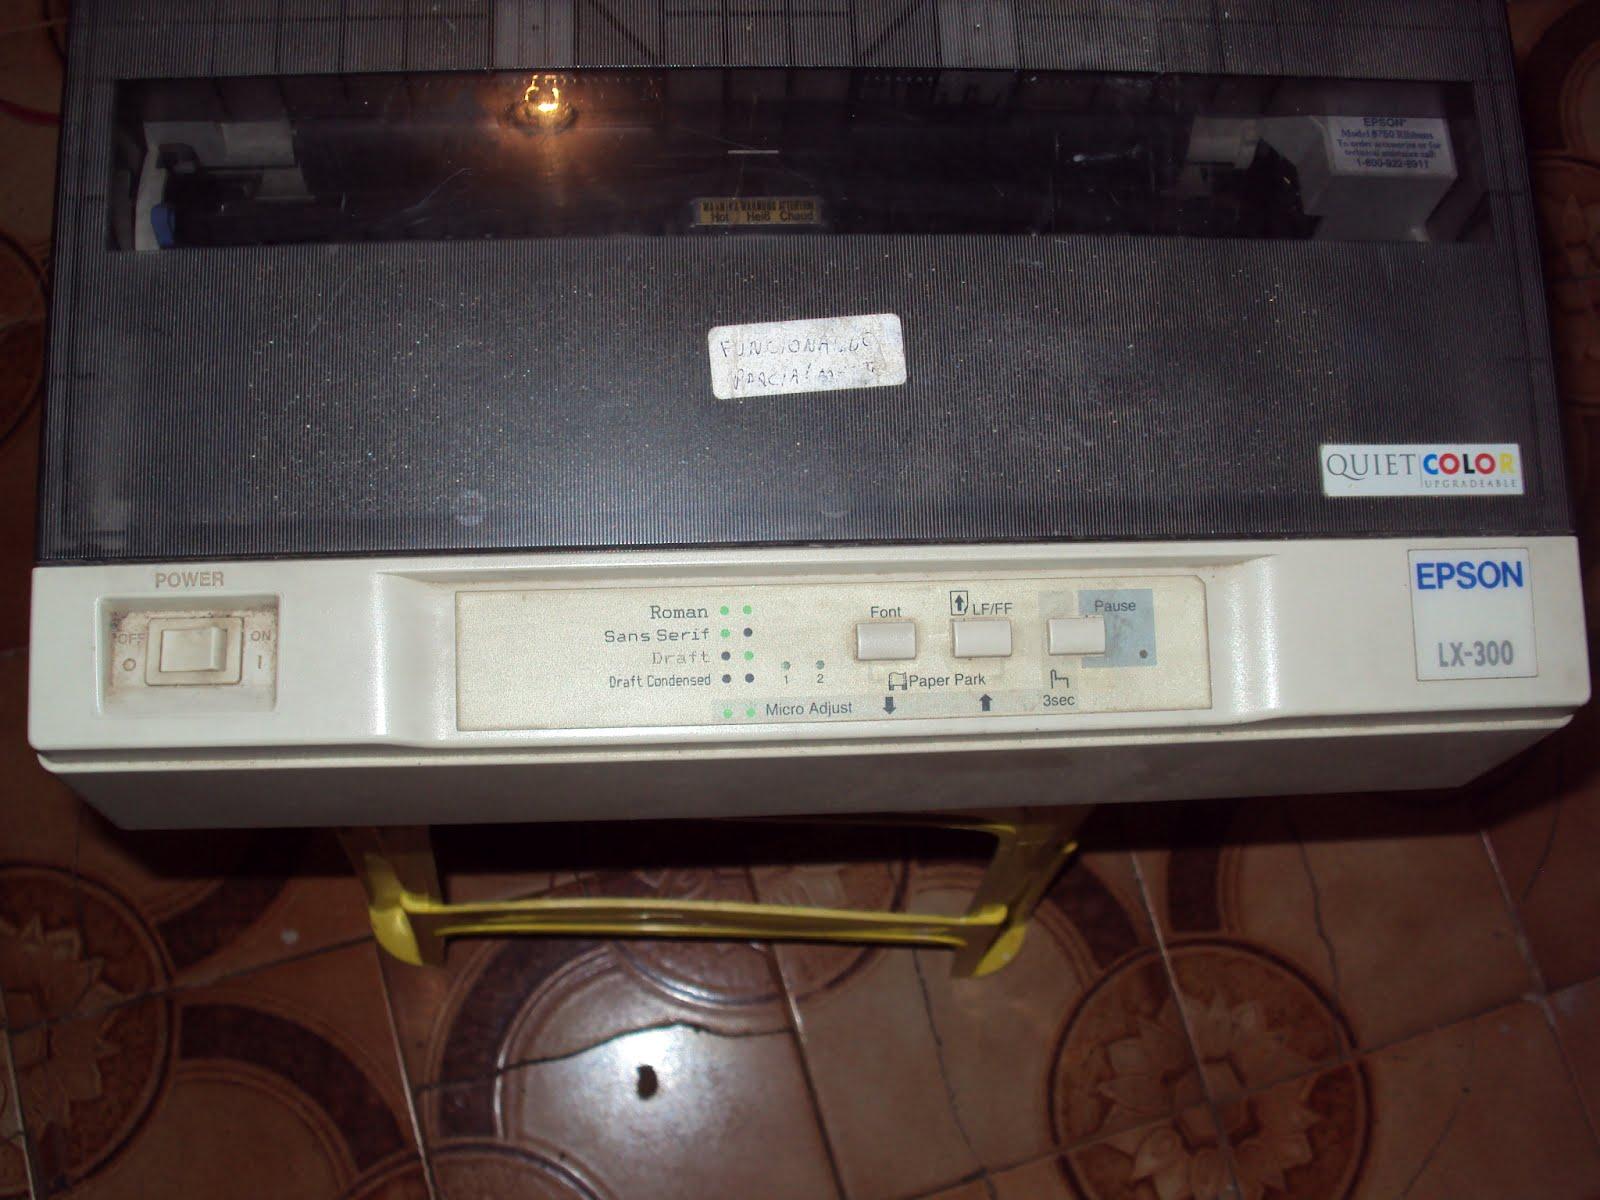 brinquedos%2C+impressoras+%2Cmedalha+e+vitrola+101.JPG (1600×1200)